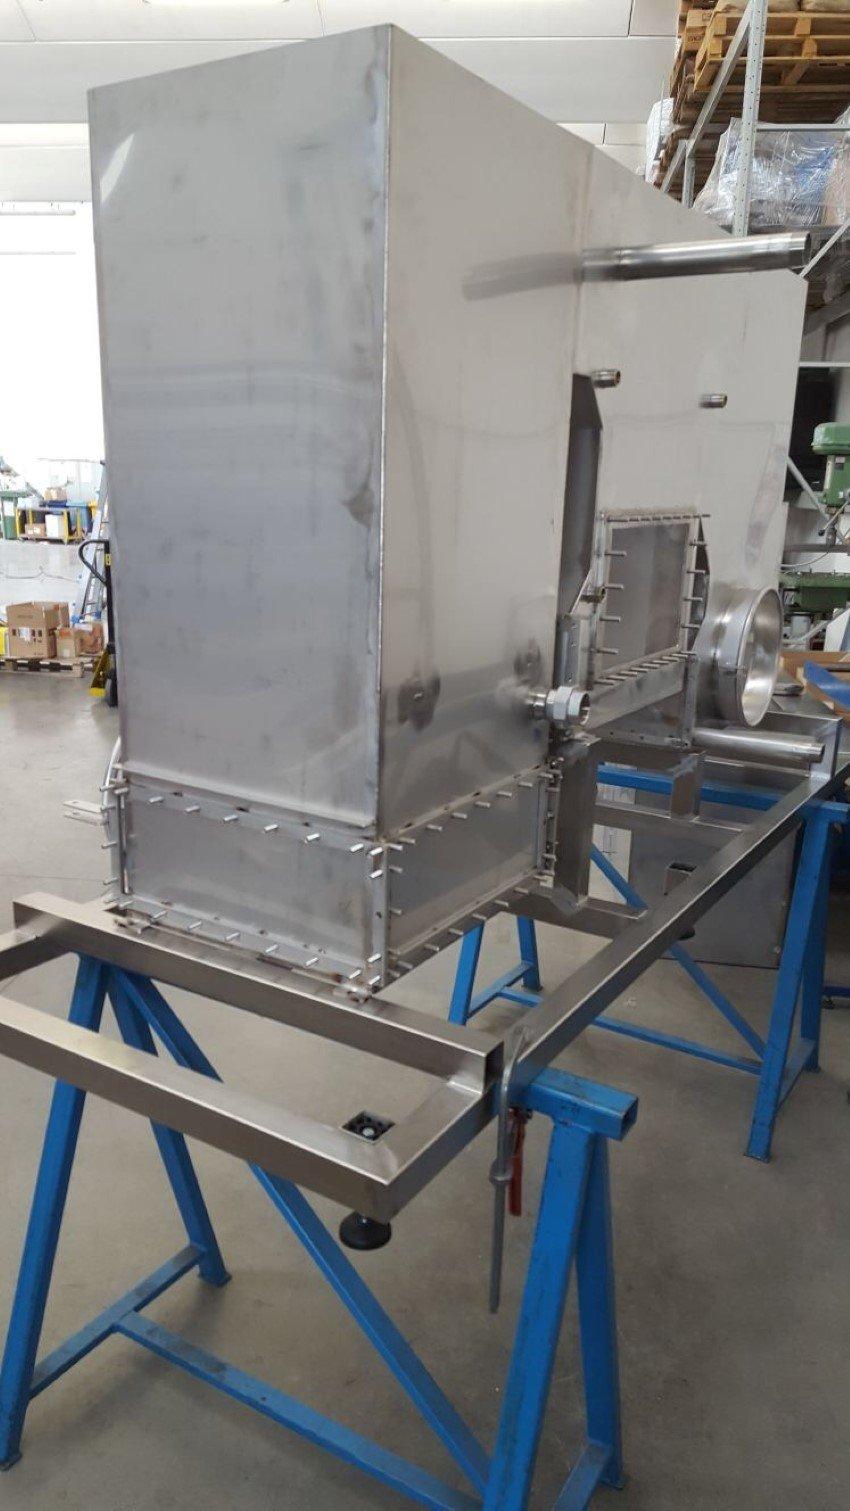 Macchinario per lavorazione in acciaio inox